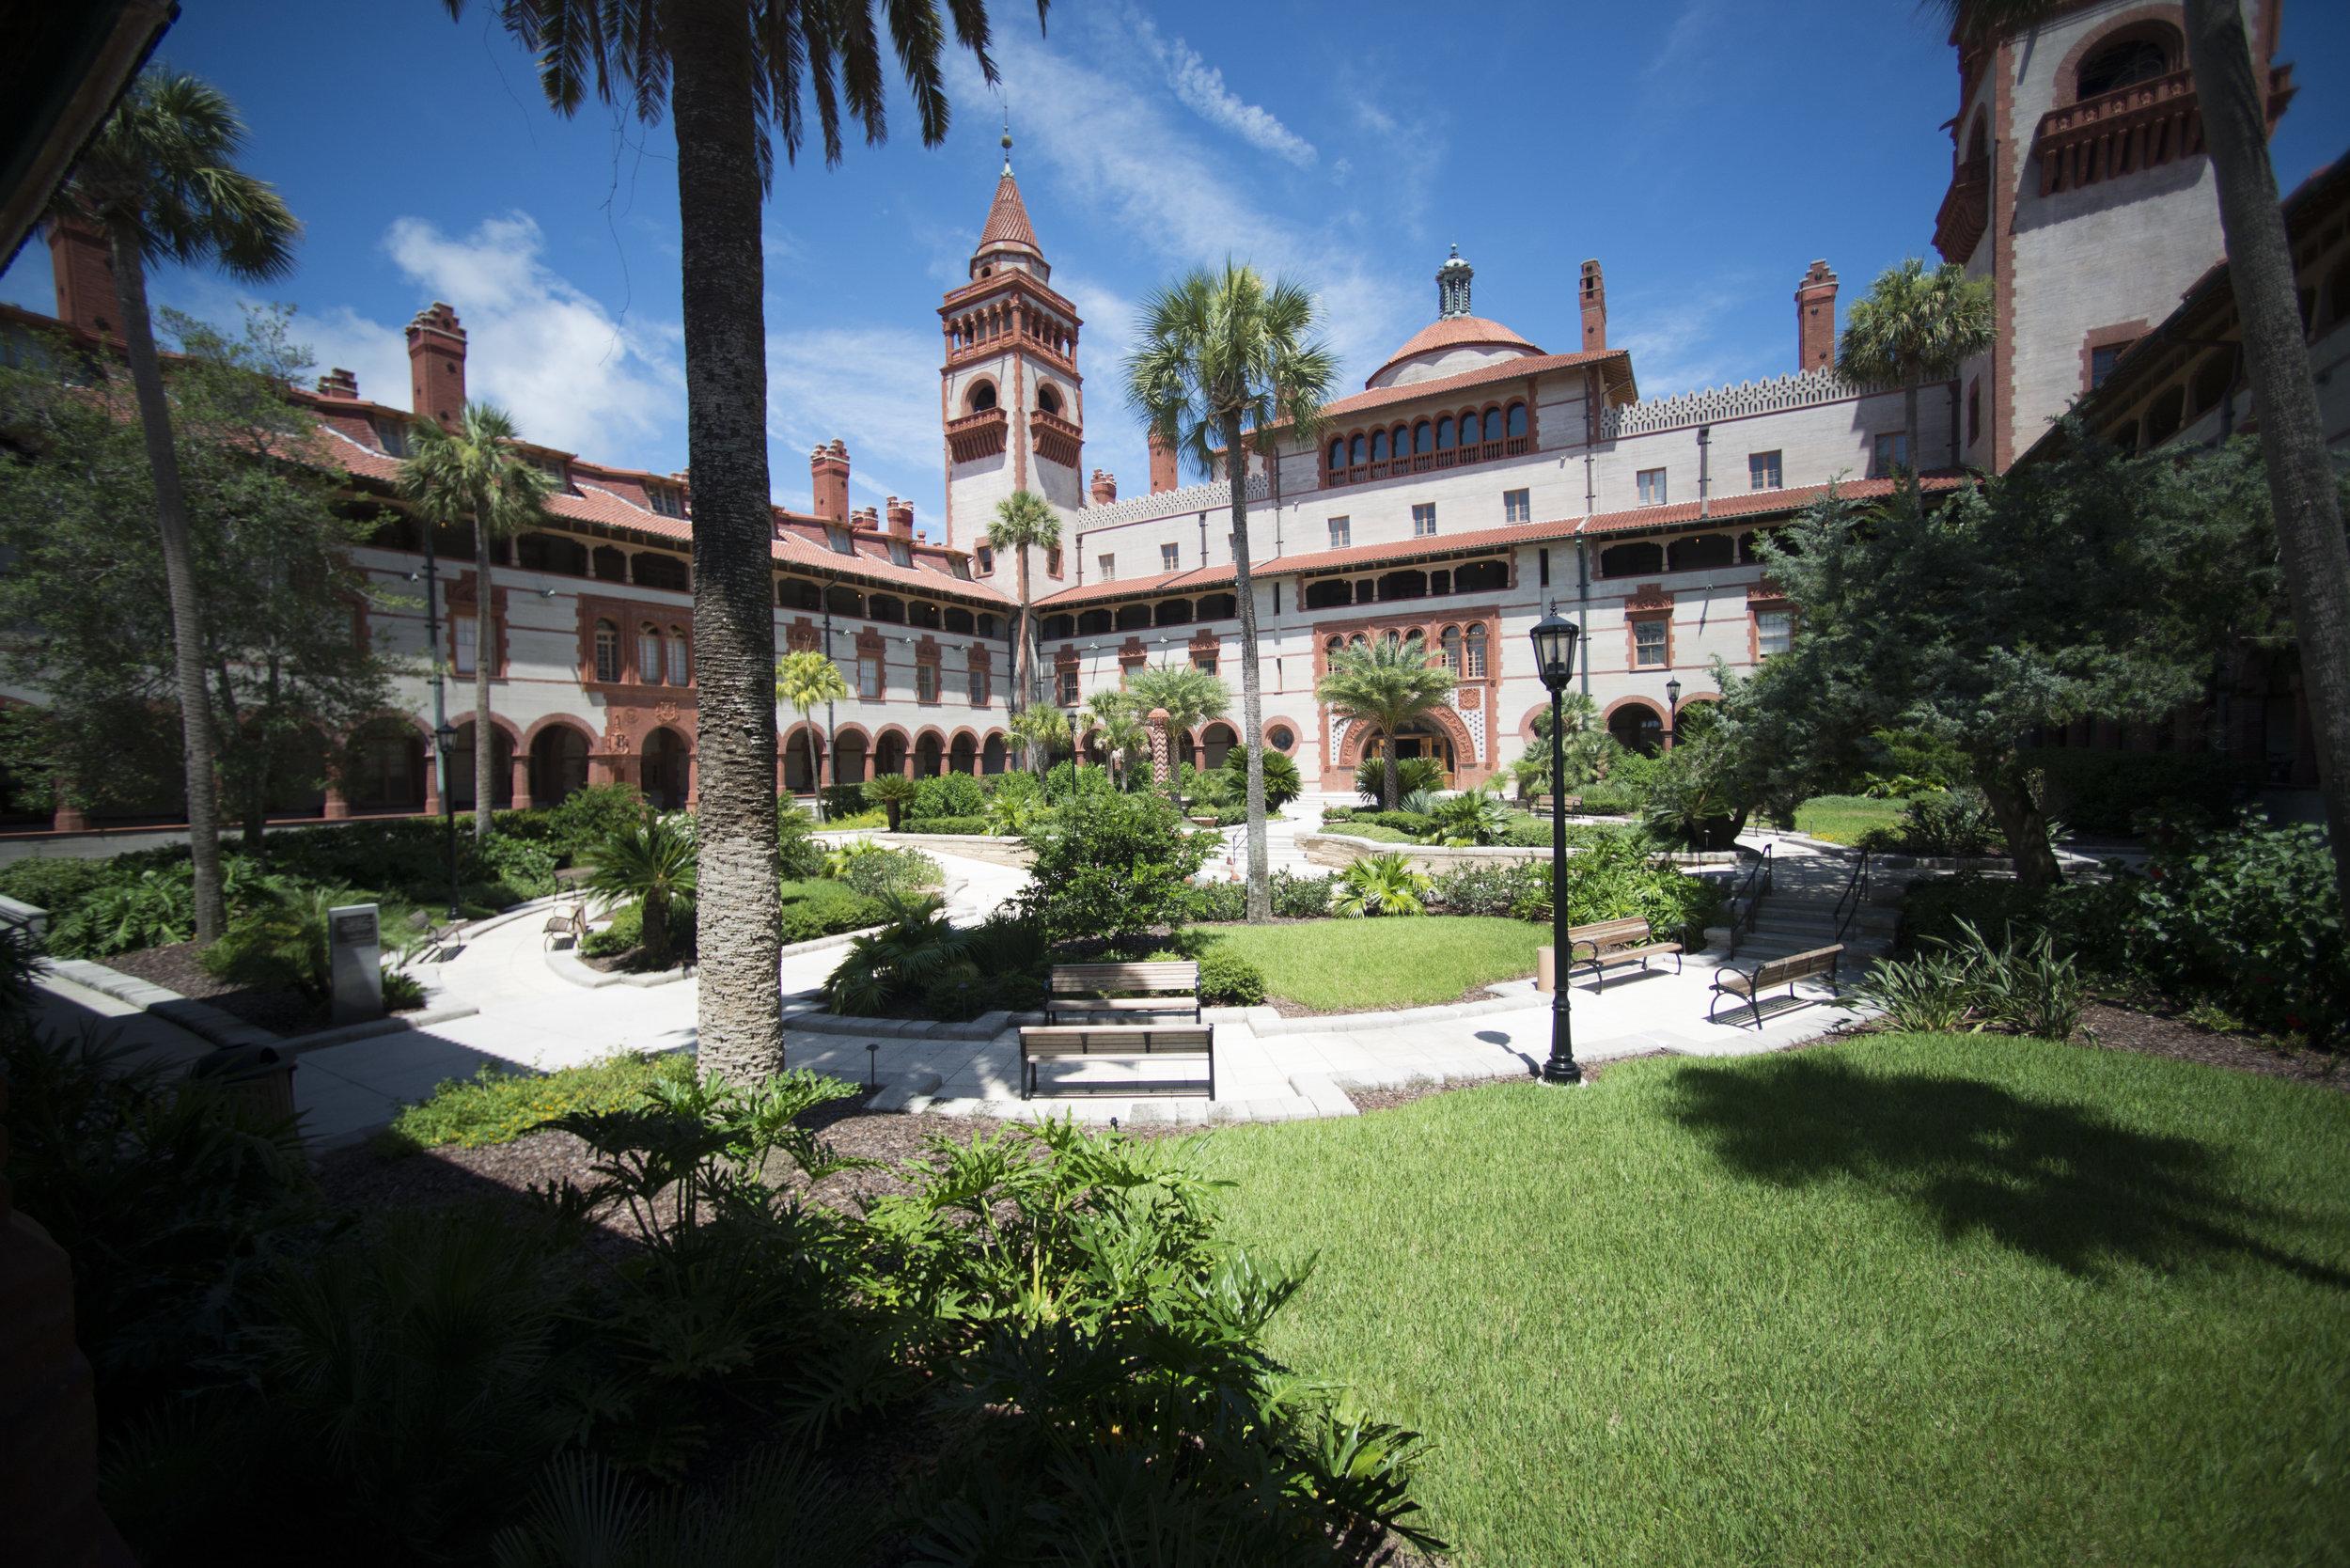 St. Augustine Preservation Plan